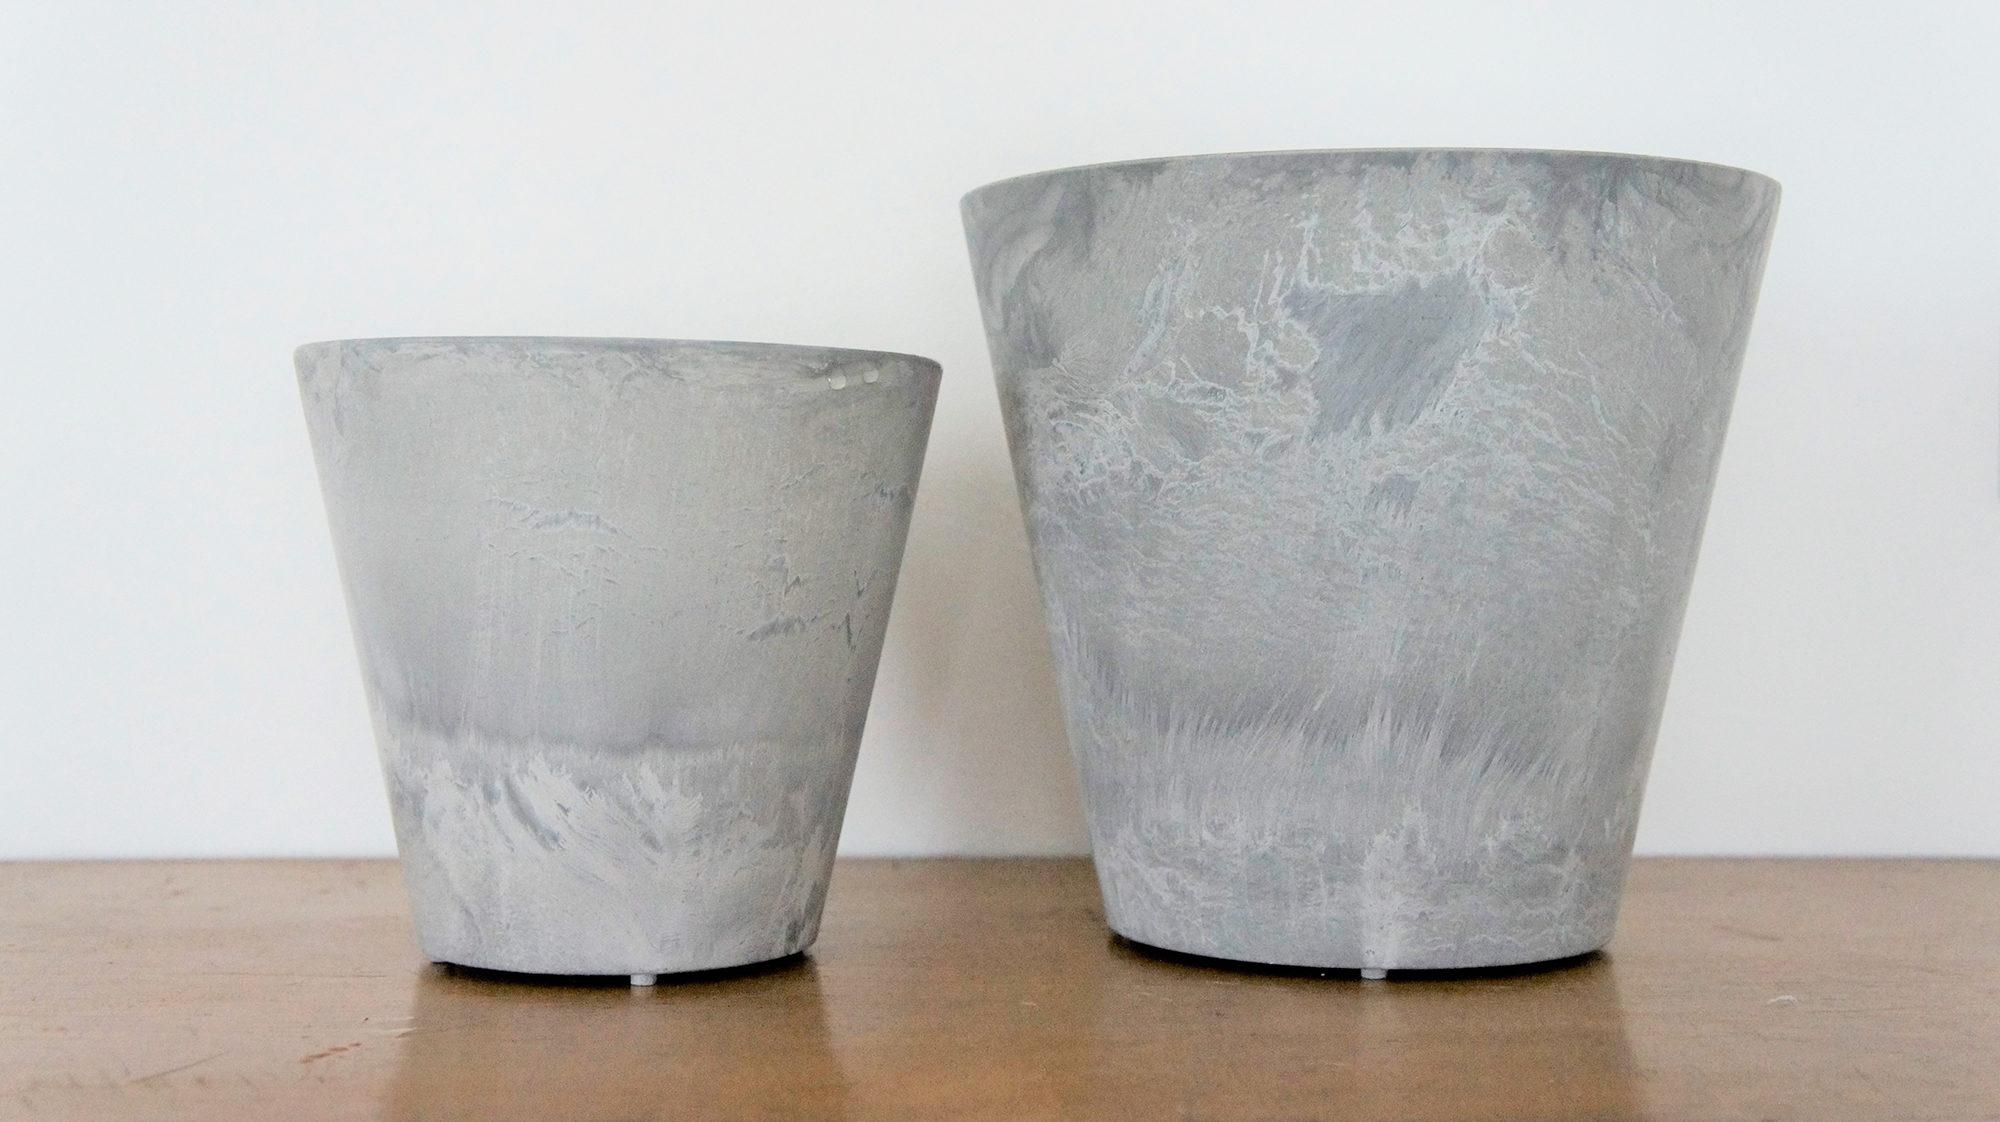 左はSSサイズ(直径16×高さ15.5cm・重さ約350g)、右はSサイズ(直径21.5×高さ19.5cm・重さ約600g)です。